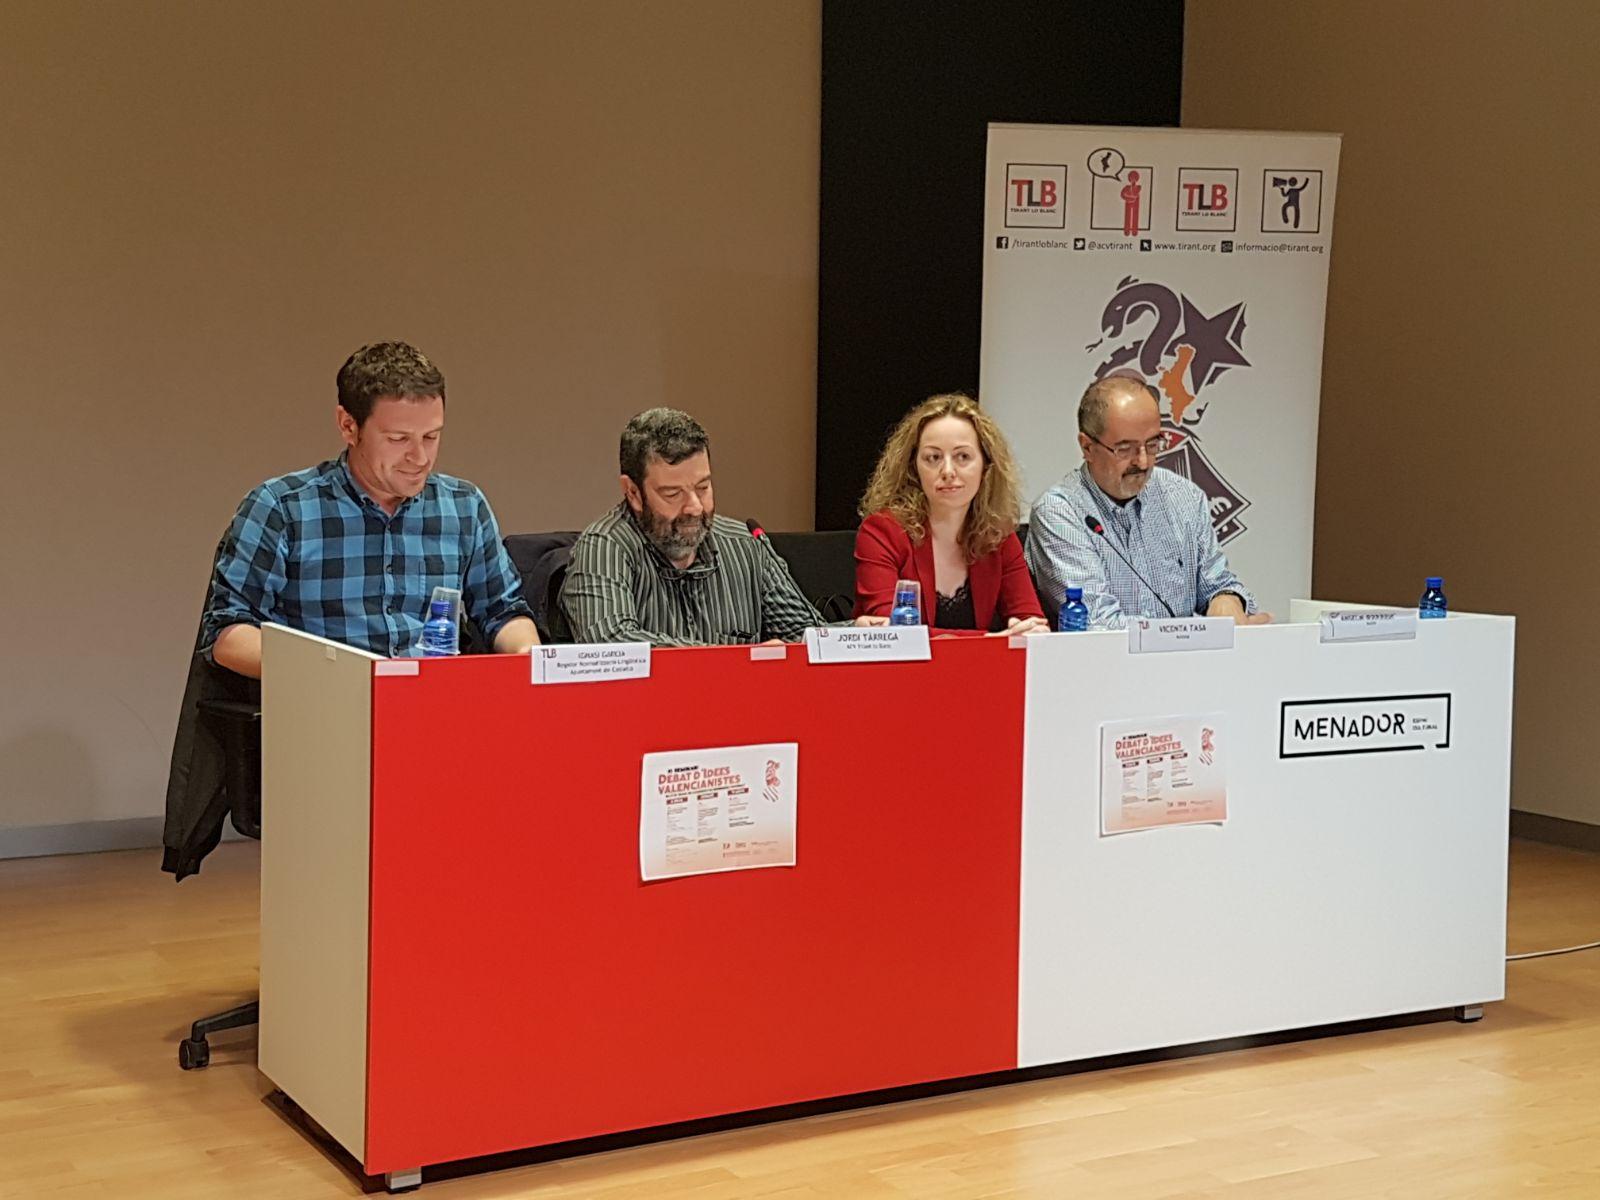 Les llengües a l'ensenyament i l'infrafinançament centren les dues últimes sessions del XI Seminari Debat d'Idees Valencianistes